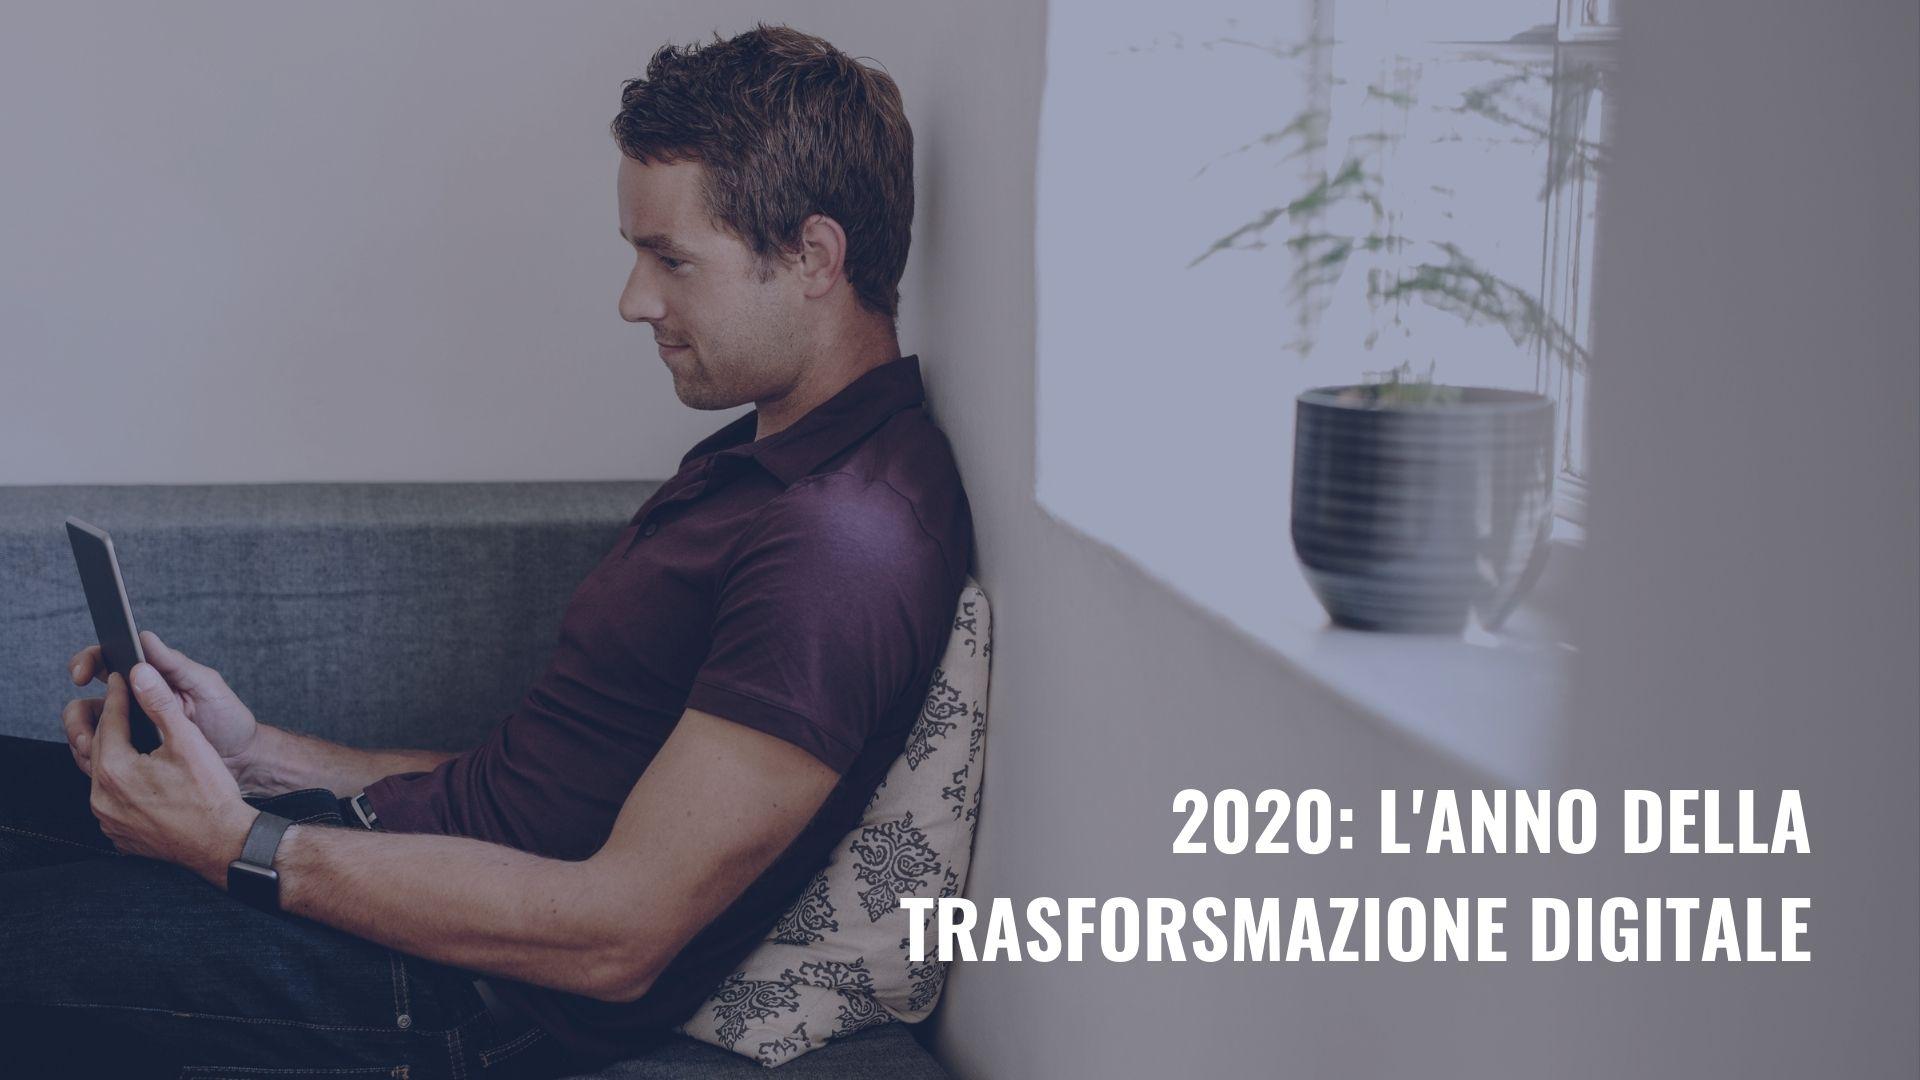 l'anno della trasformazione digitale